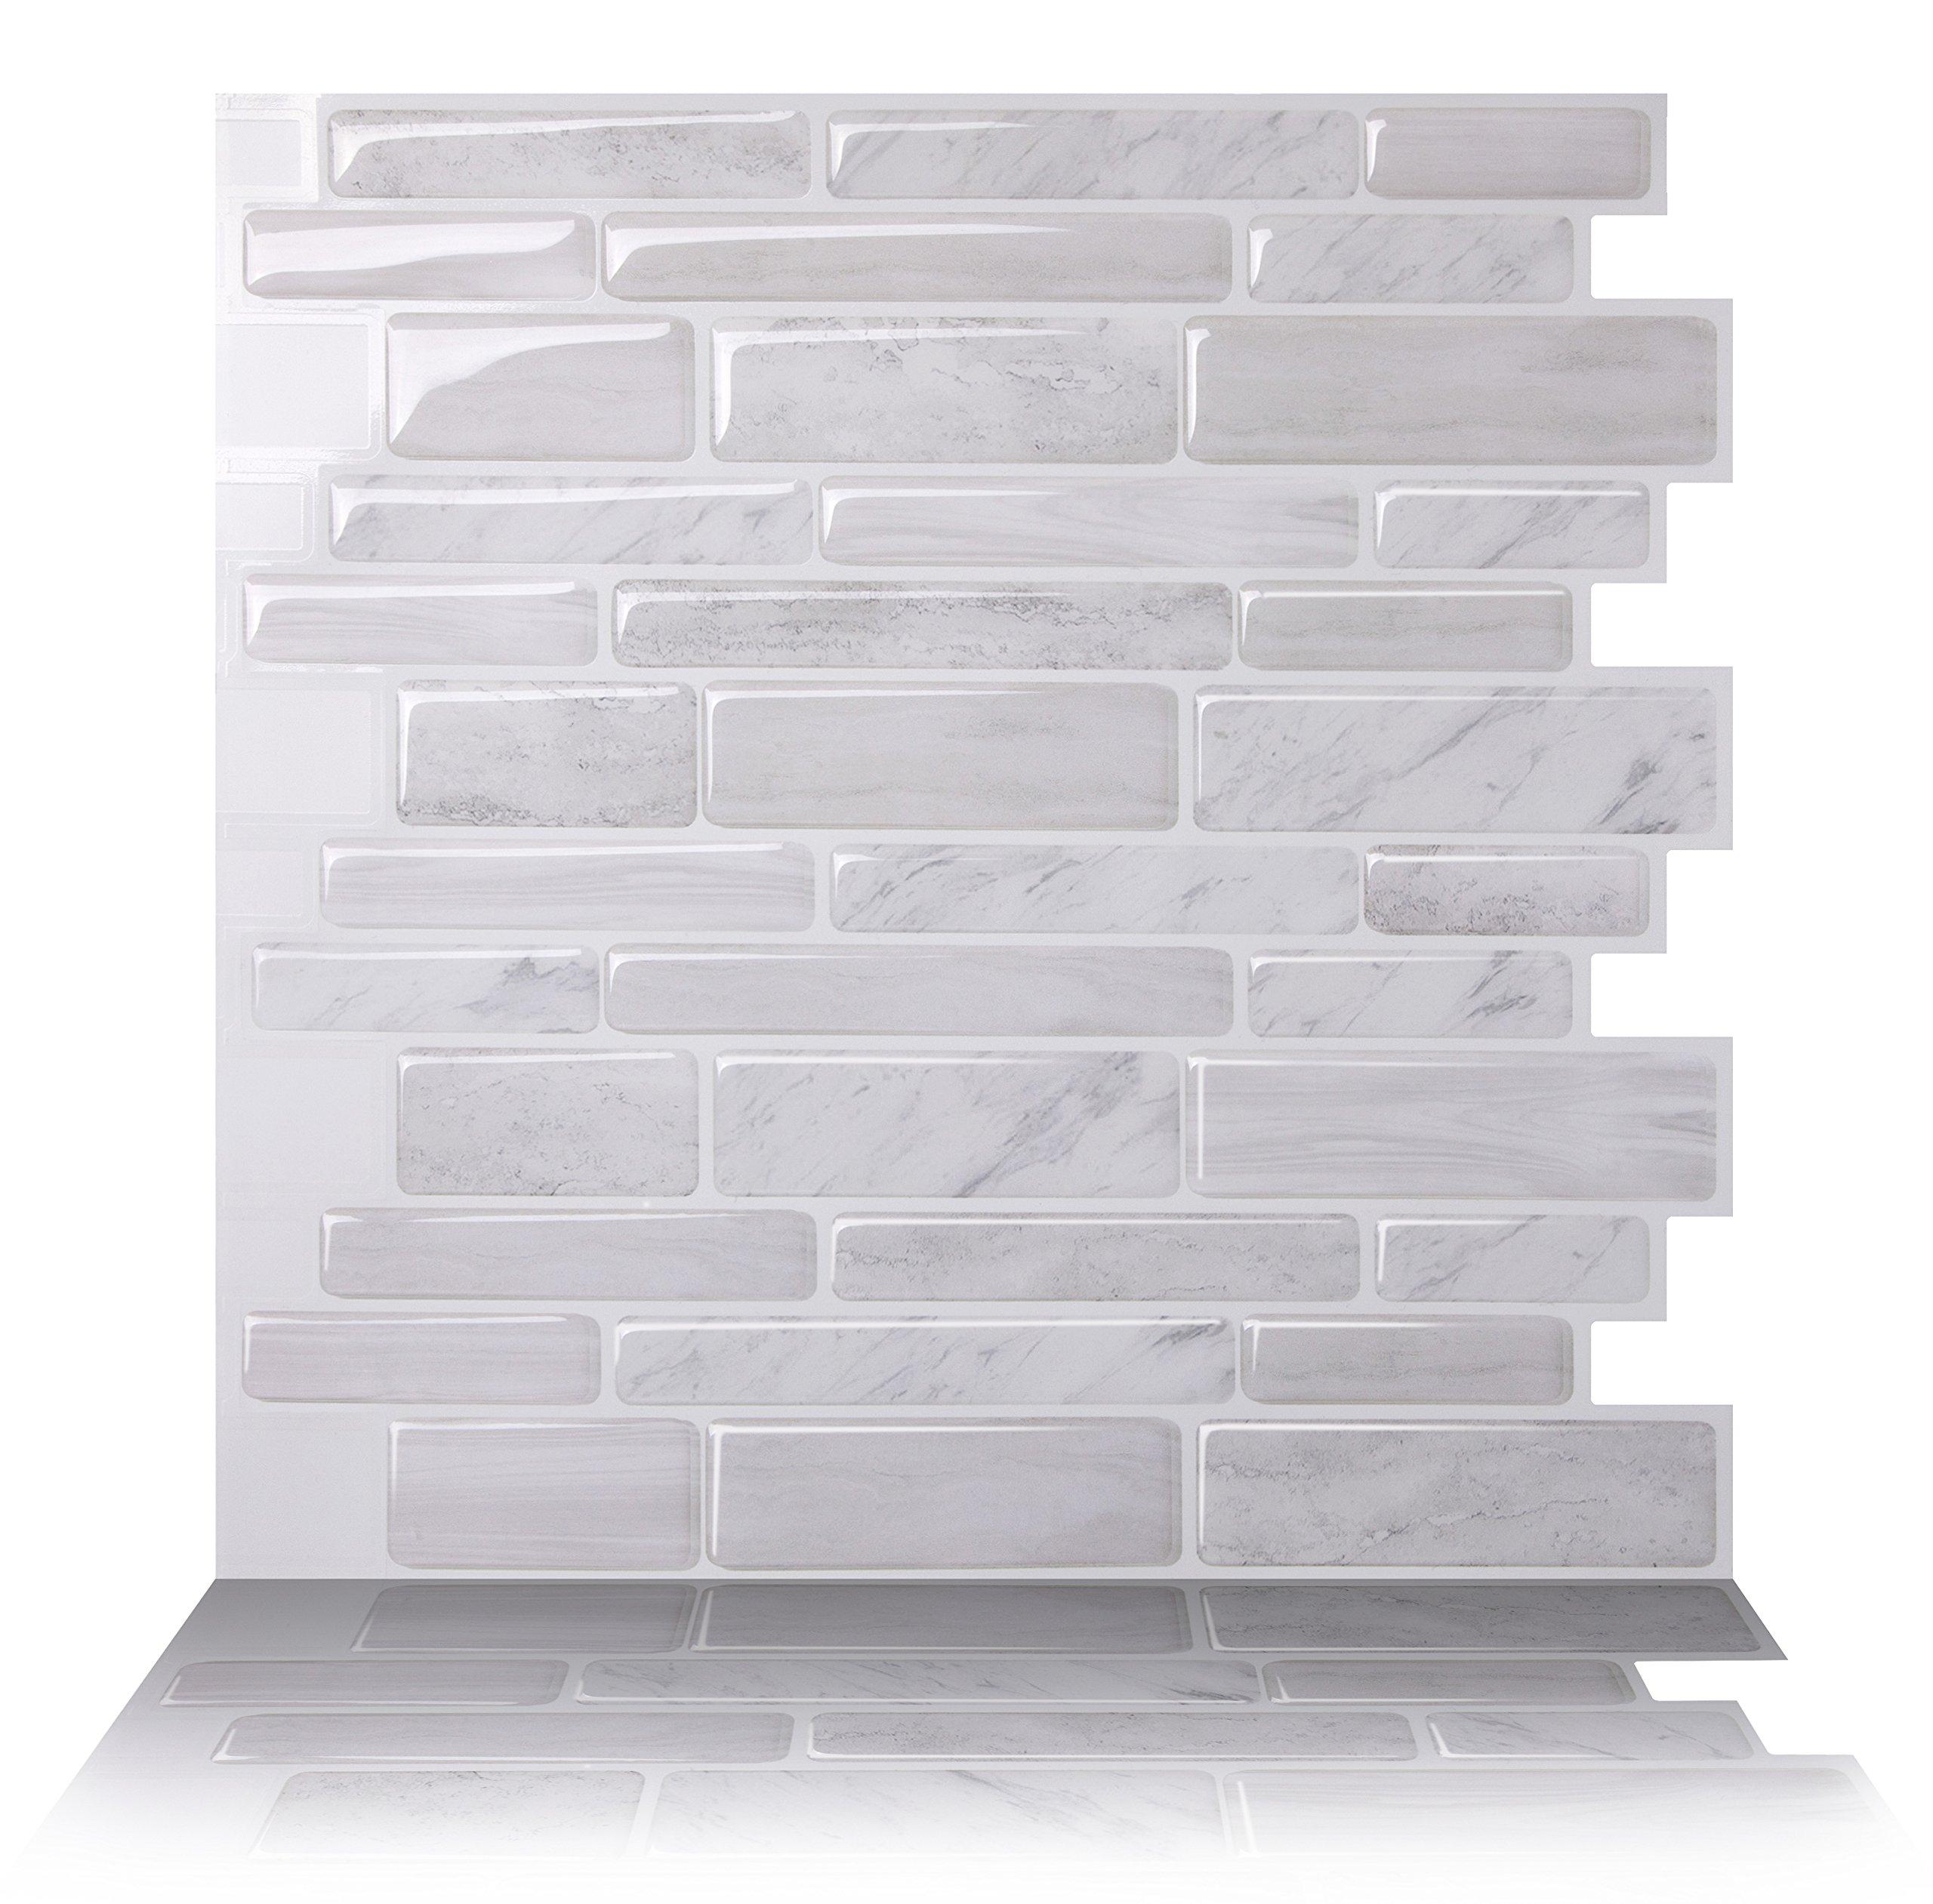 Tic Tac Tiles - 12'' x 12'' Premium Anti Mold Peel and Stick Wall Tile in Polito White (10, Polito White (12'' x 12''))